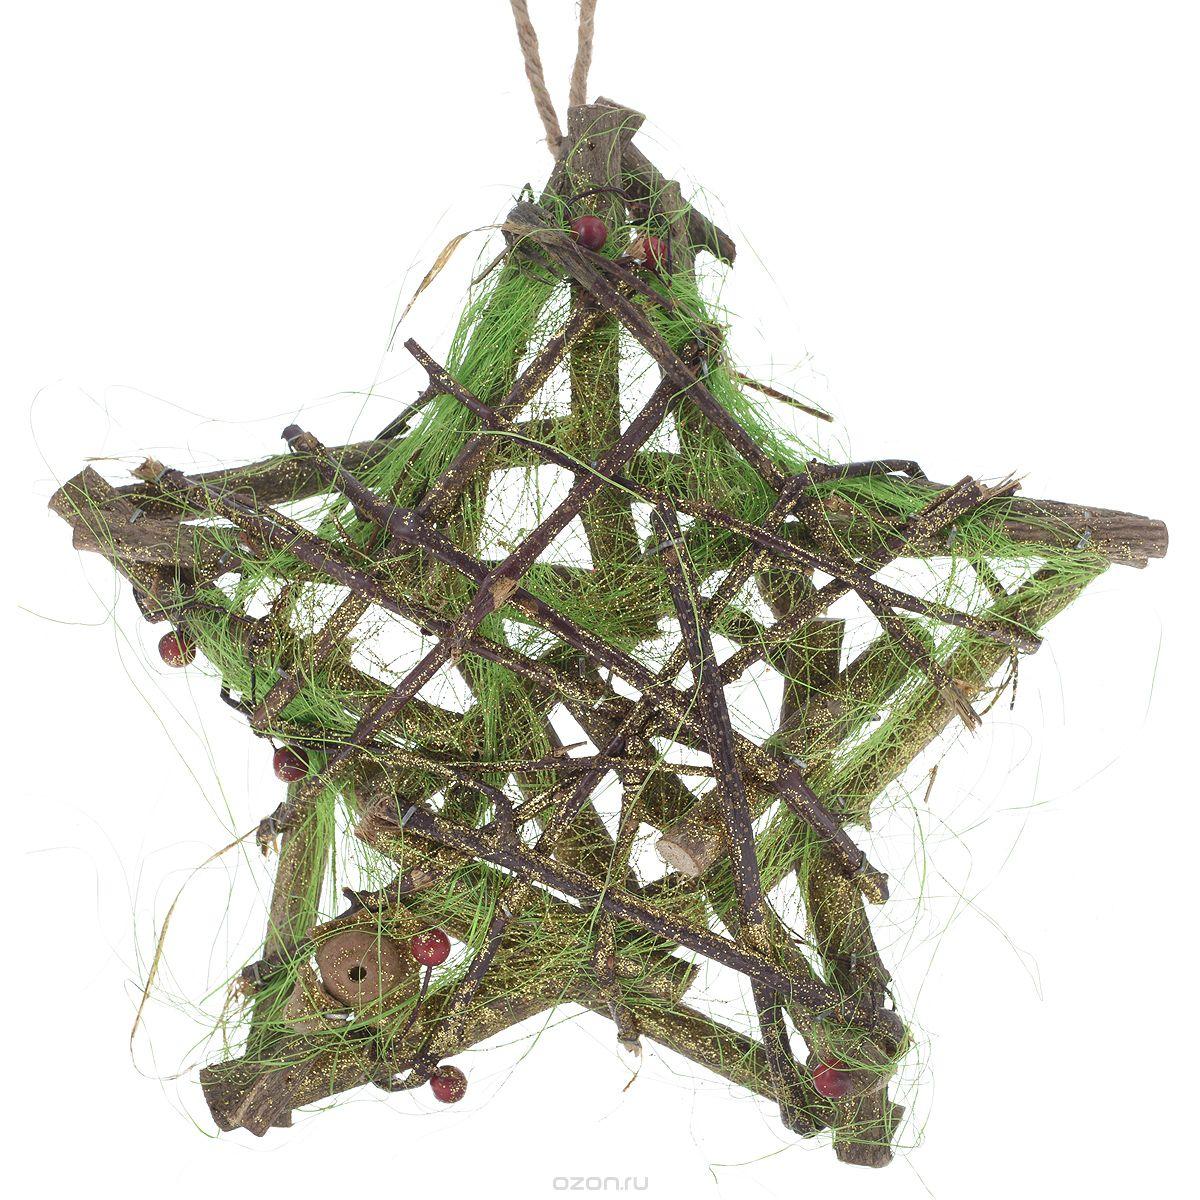 Декоративный элемент Dongjiang Art, 33 см х 33 см7709039Декоративный элемент Dongjiang Art, изготовленный из натурального дерева,представляет собой звезду, оформленную цветными нитями и блестками. Такая звезда дополнит интерьер любого помещения, а такжесможет стать оригинальным подарком для ваших друзей и близких.Дополнительно вы можете украсить звезду лентами, фигурками, красивыми бусинами, цветной бумагой и другим материалом. Оформление помещения декоративными элементами создаст праздничную, по-настоящему радостную и теплую атмосферу.